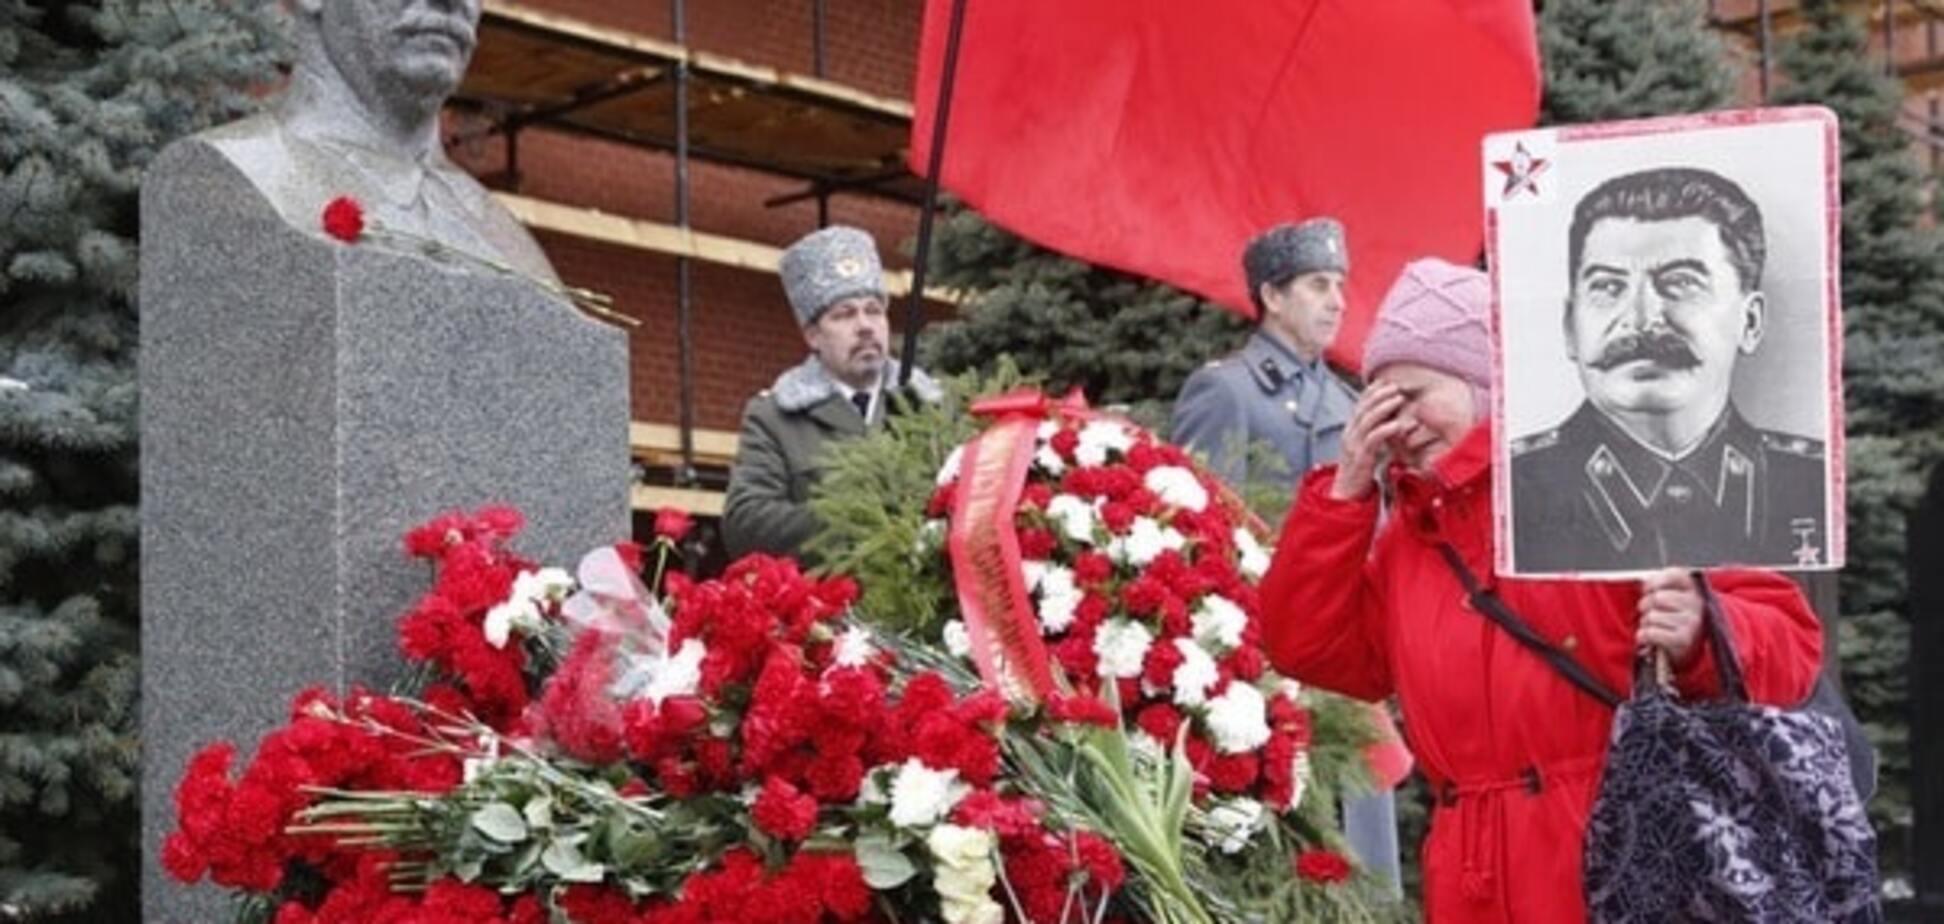 Опубликован полный текст скандальной записи о Сталине, которую удалил Facebook